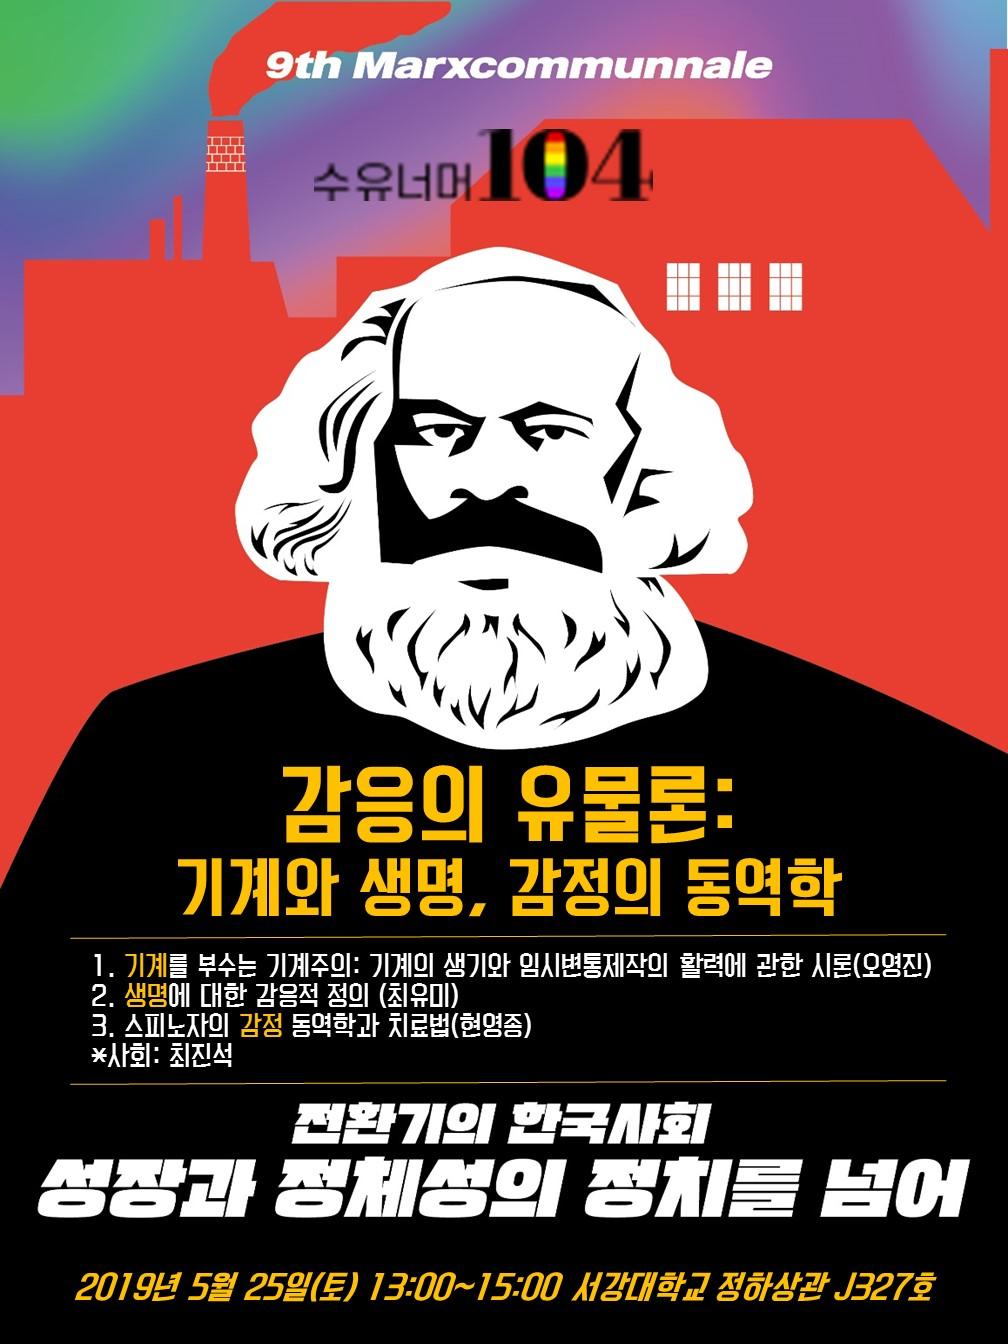 2019 맑꼼_수유너머104 포스터_정하상관J327호.jpg